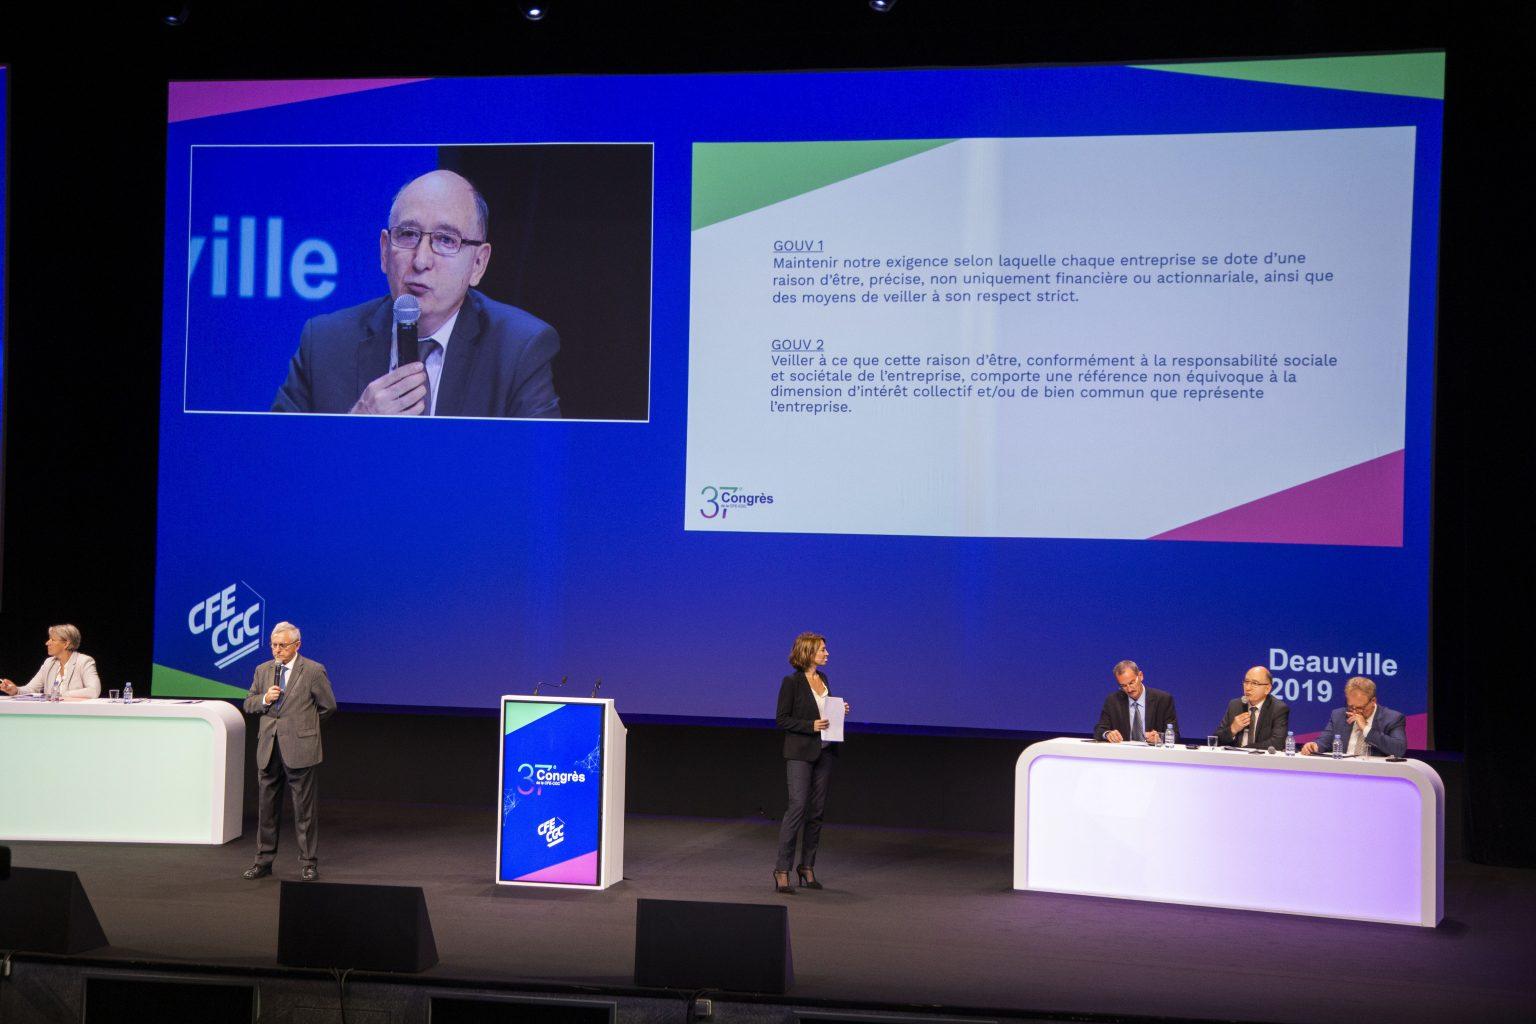 Construisez l'entreprise du futur avec la CFE-CGC - L'interview de Gérard Mardiné